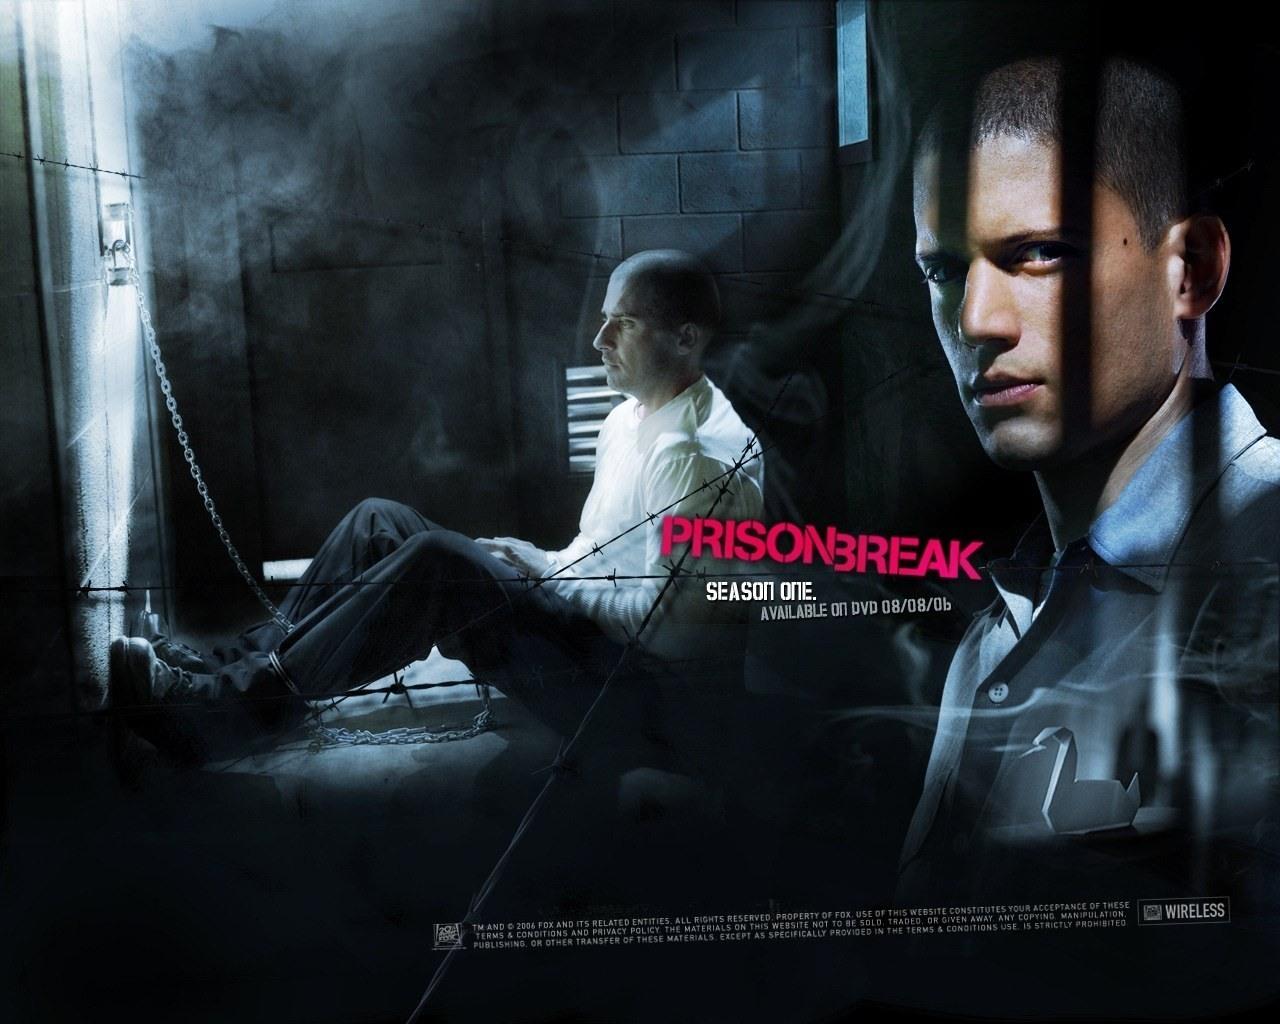 prison breake